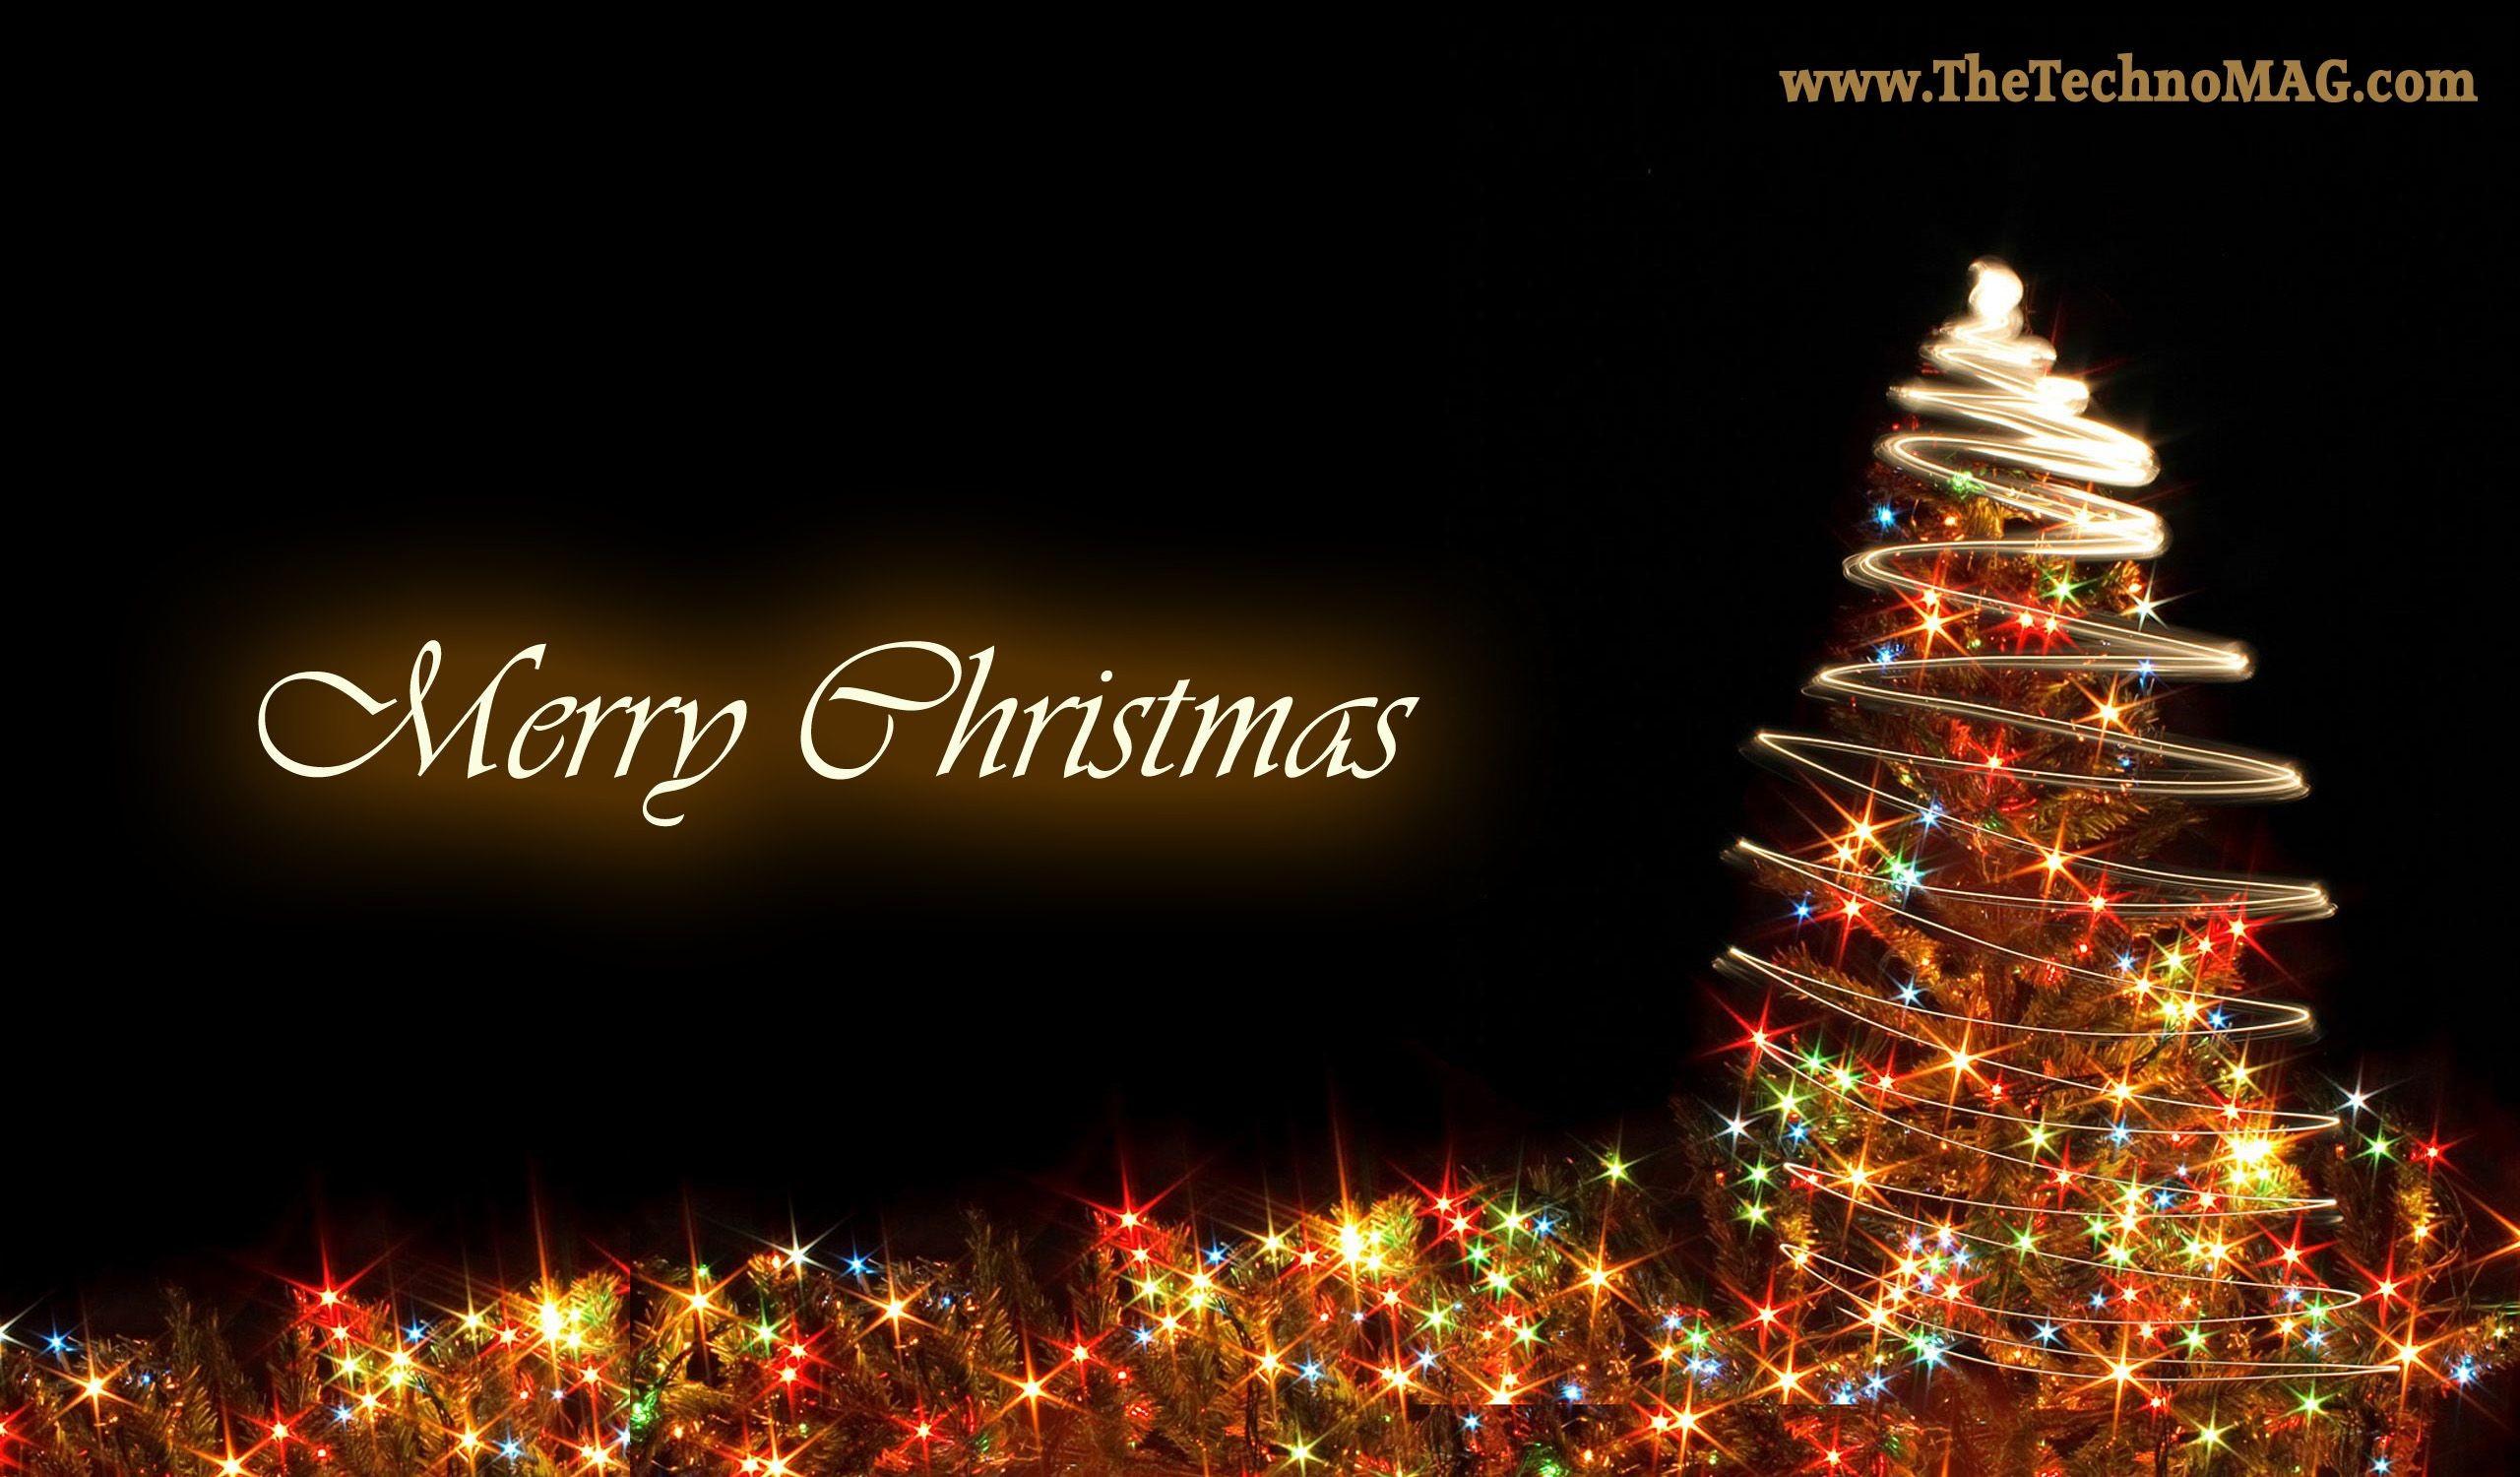 Moving Merry Christmas Wallpaper Animated Christmas Wal...